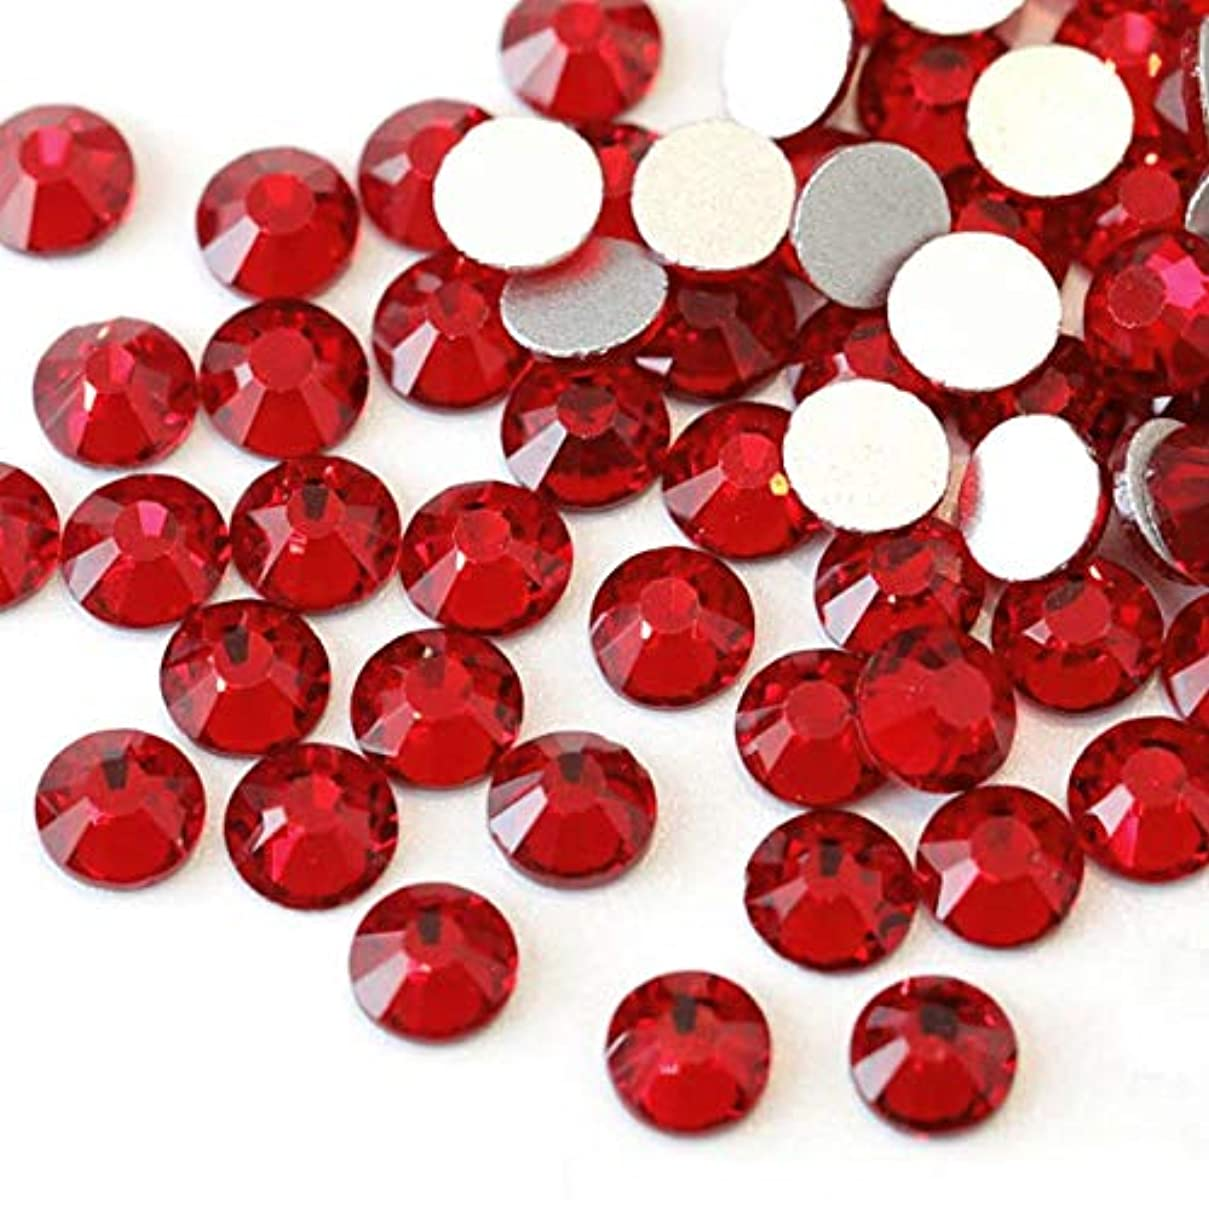 縫うみがきますカカドゥ【ラインストーン77】高品質ガラス製ラインストーン 色/サイズ選択可 SS3~SS50 スワロフスキー同等 (シャム, SS16:約4.0mm(約150粒))